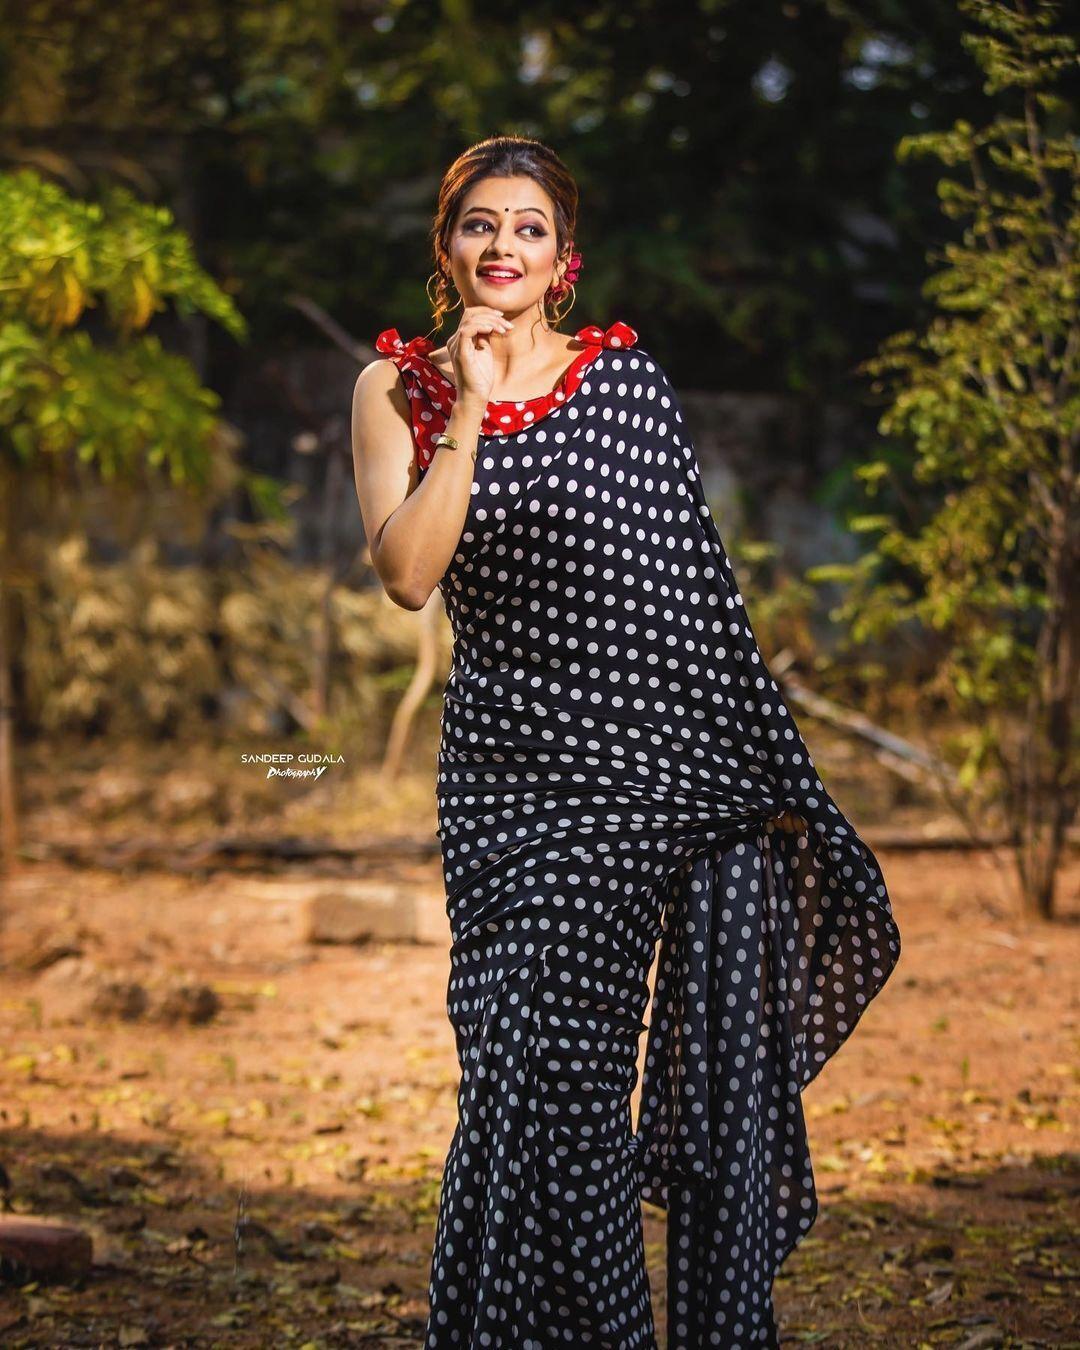 പ്രിയതാരം പ്രിയാമണിയുടെ ഏറ്റവും പുതിയ ചിത്രങ്ങള് കാണാം